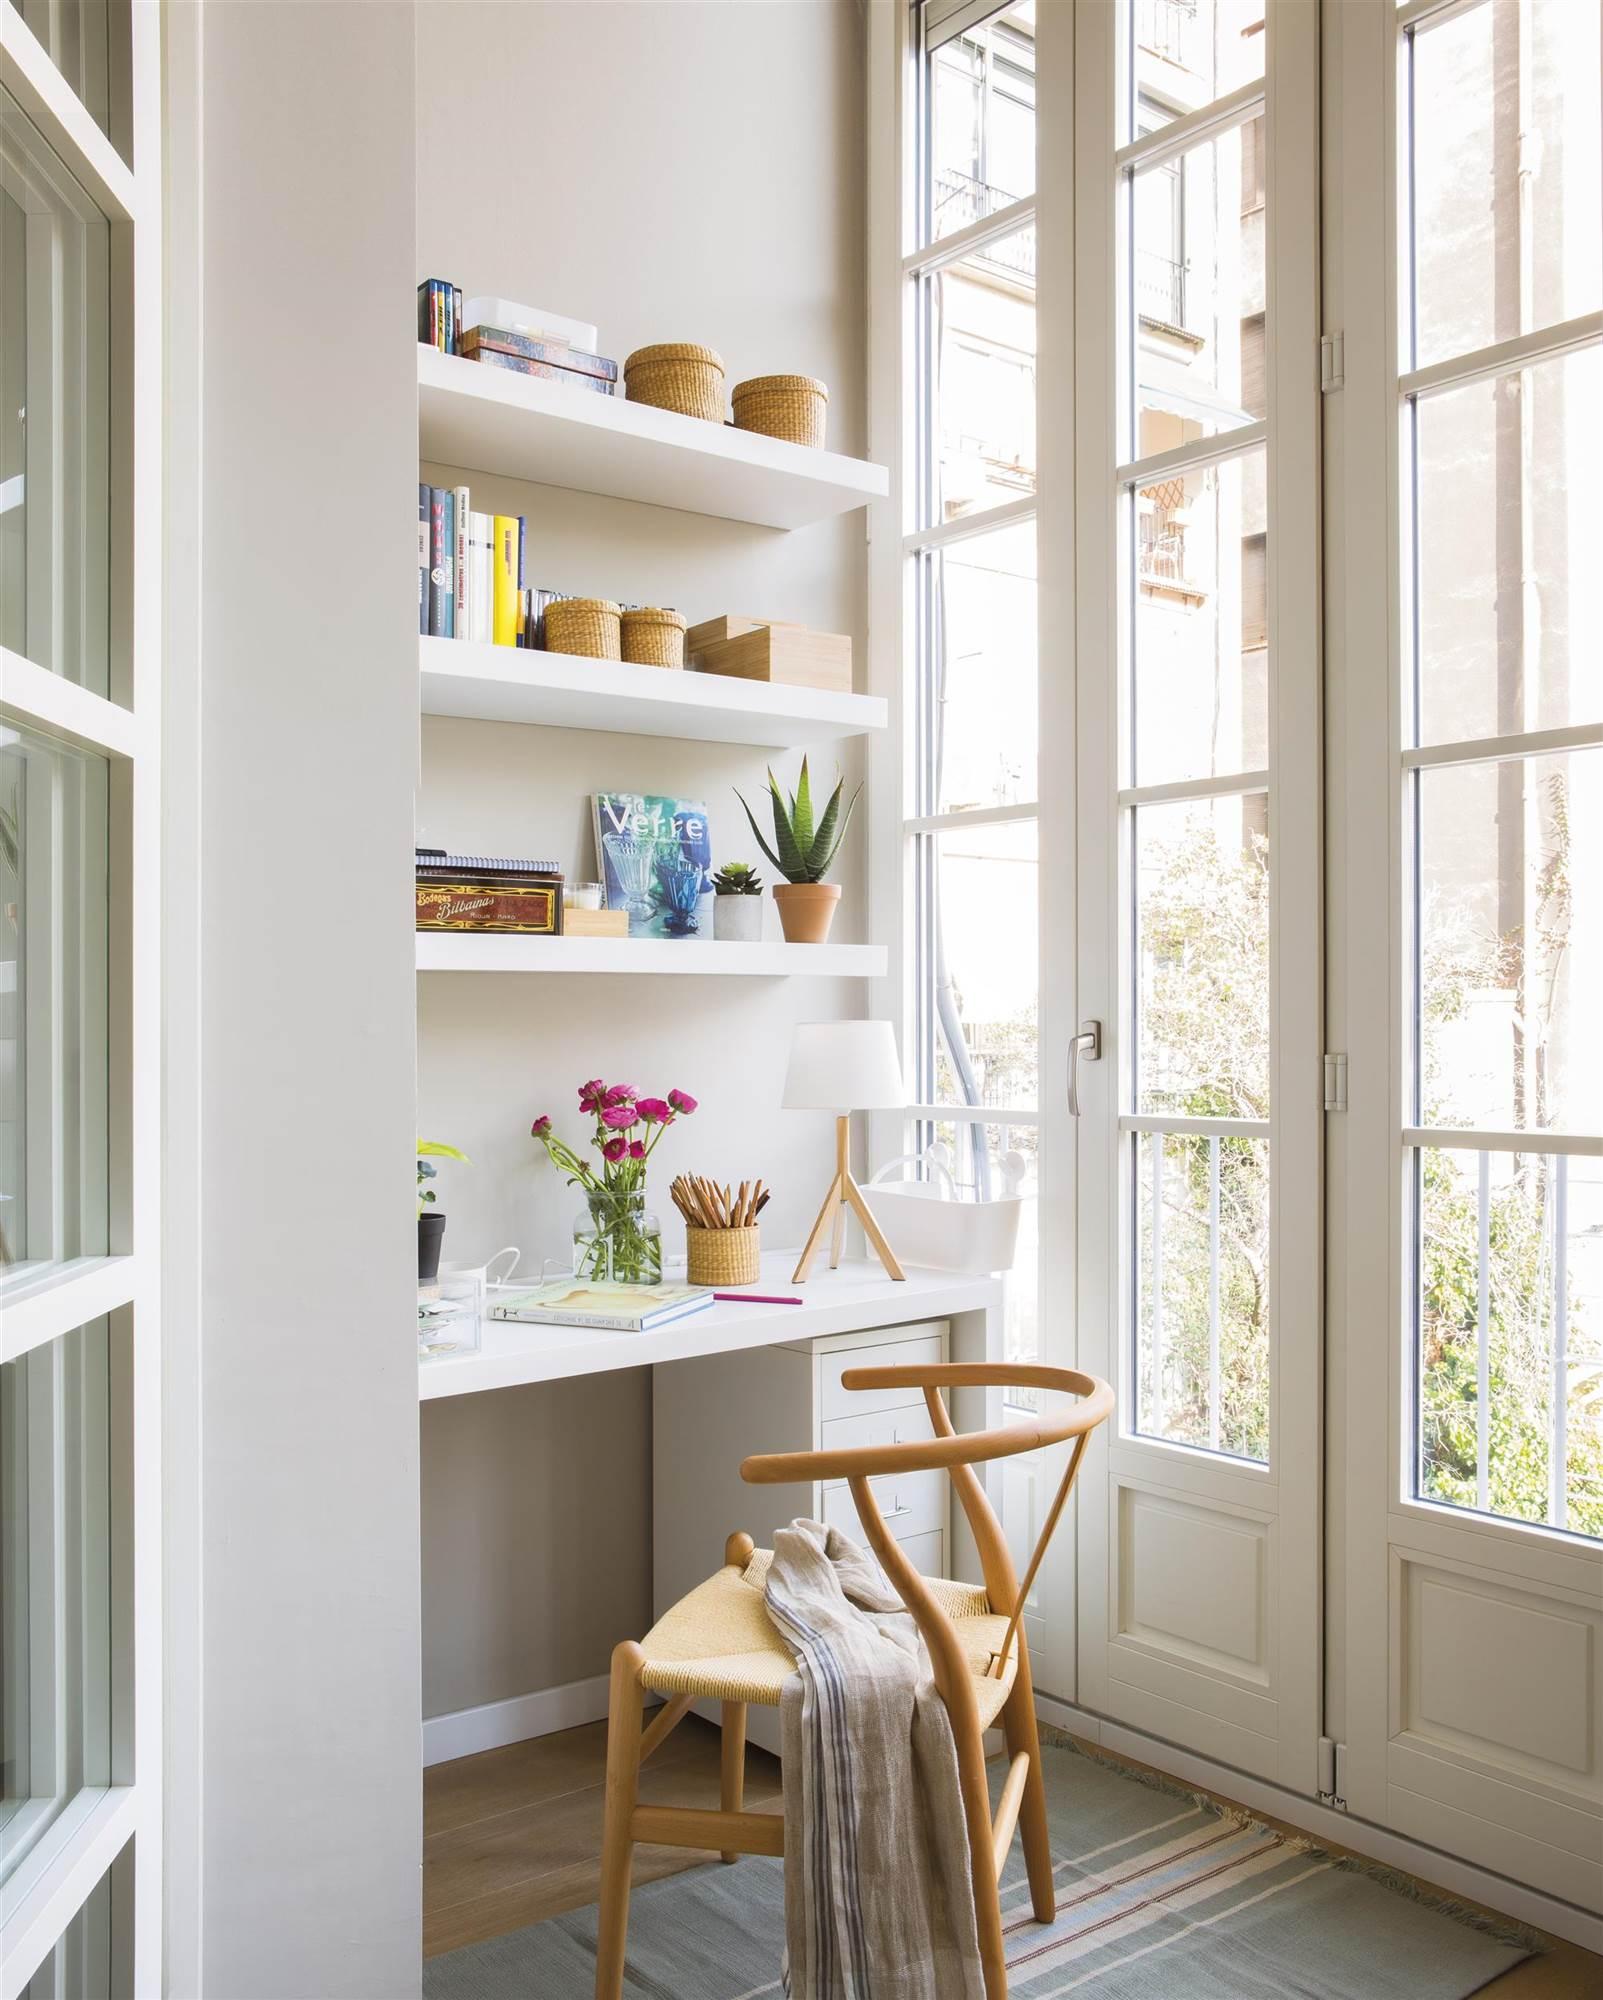 7 muebles y accesorios para decorar un estudio peque o for Como decorar un estudio pequeno